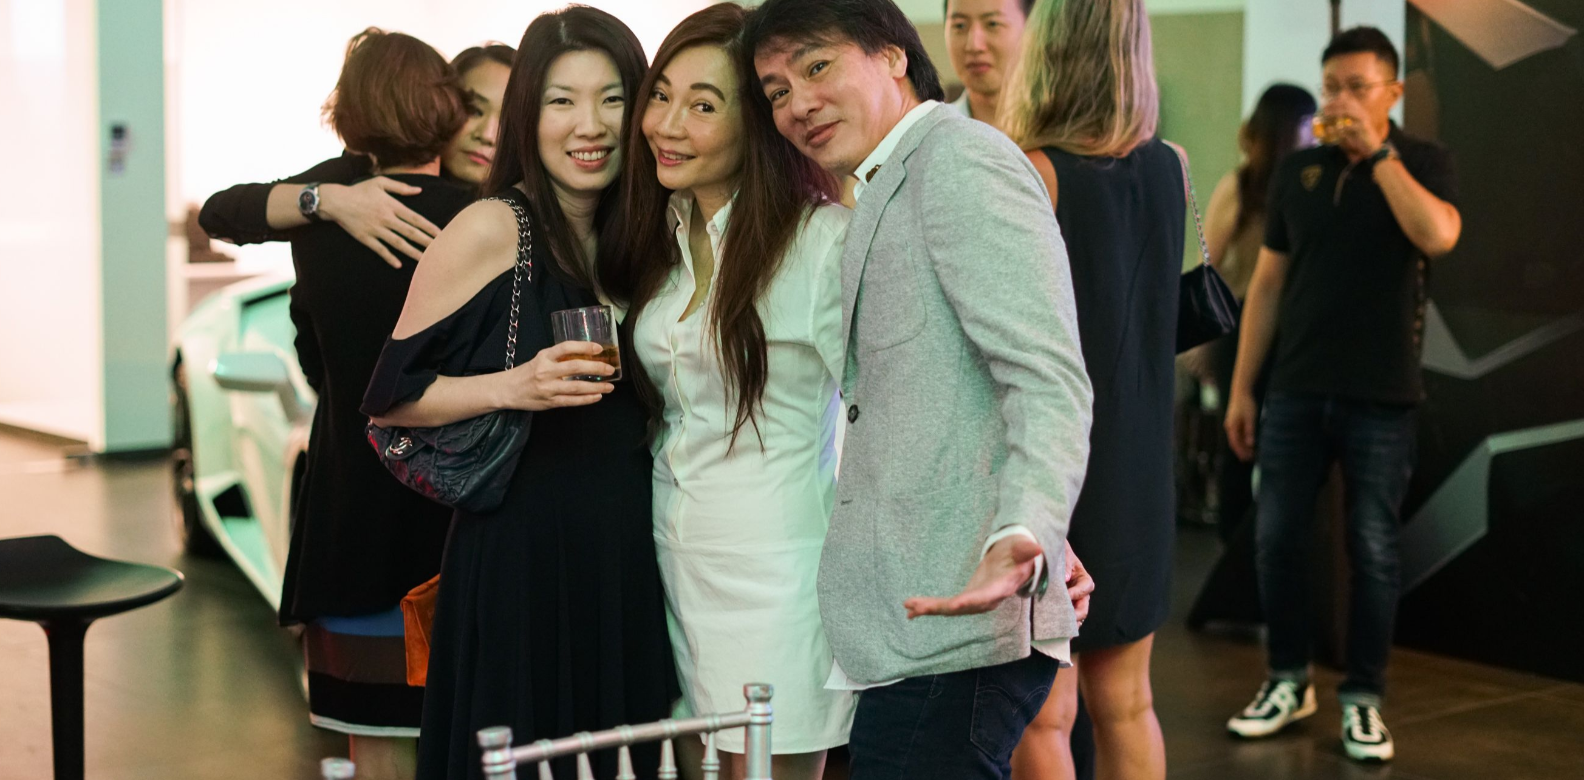 Laura Poh, Stella Mok, Henry Mok